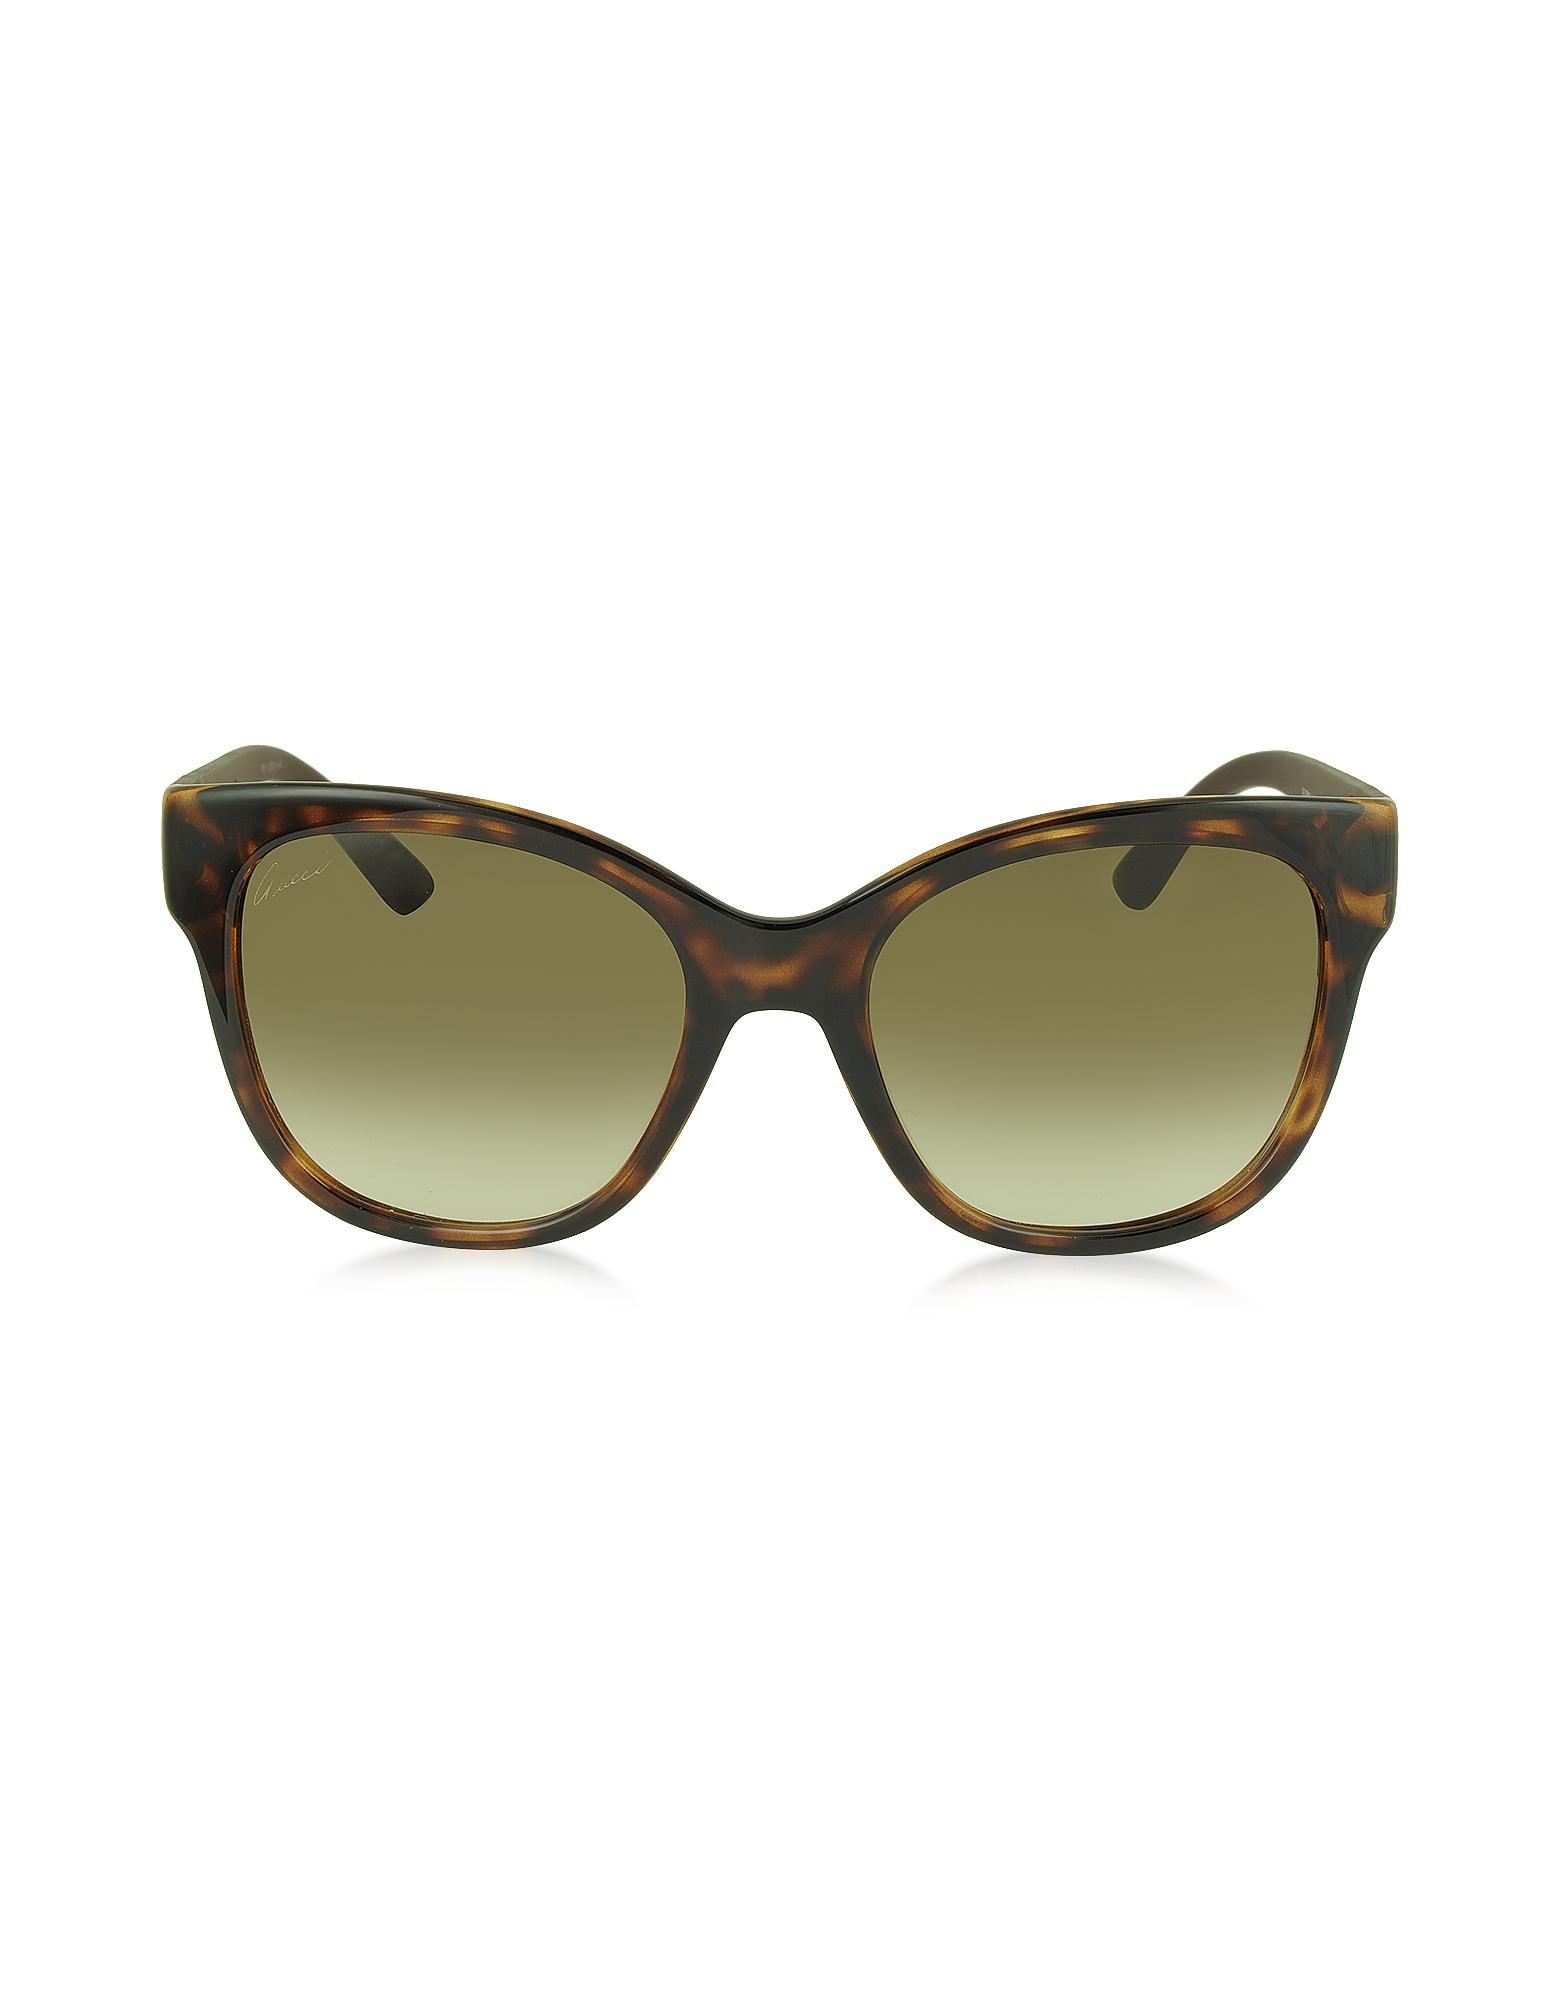 Gucci GG 3786/S - Женские Солнечные Очки в Оправе Кошачий Глаз из Ацетата